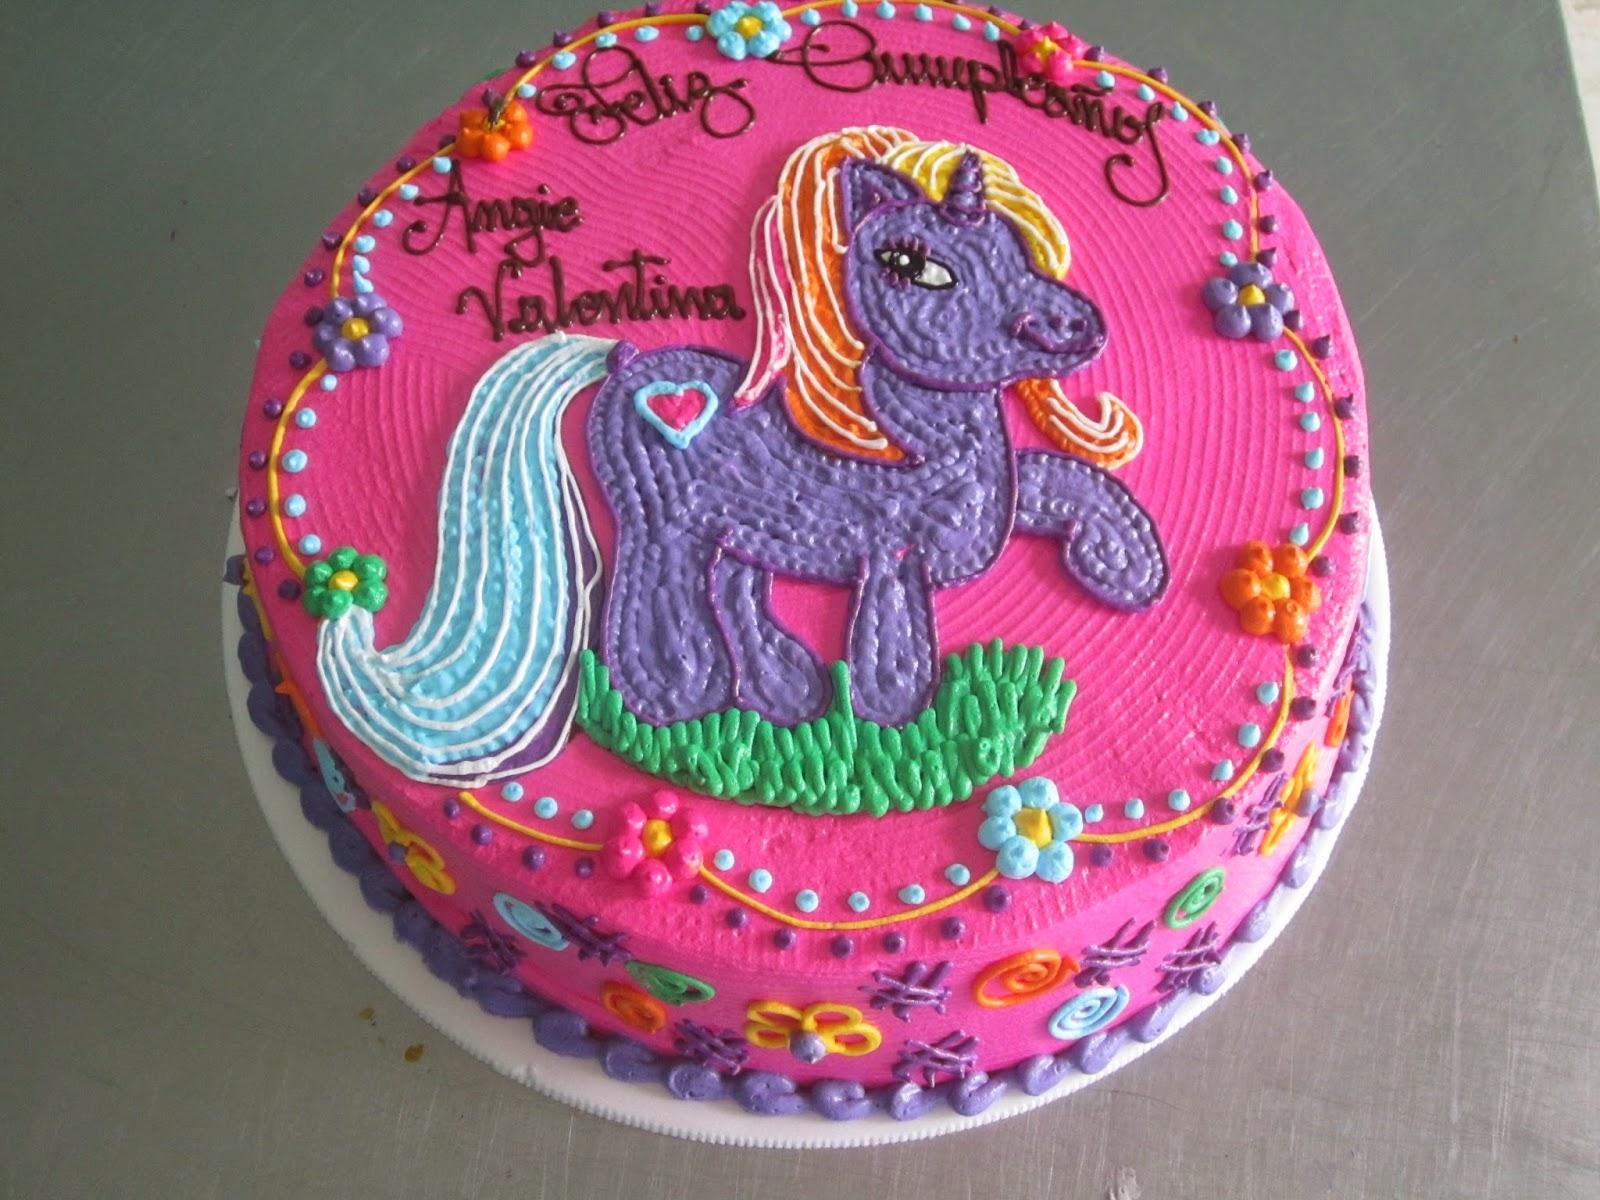 Recetas de tortas infantiles decoracin de tortas for Decoracion de tortas infantiles